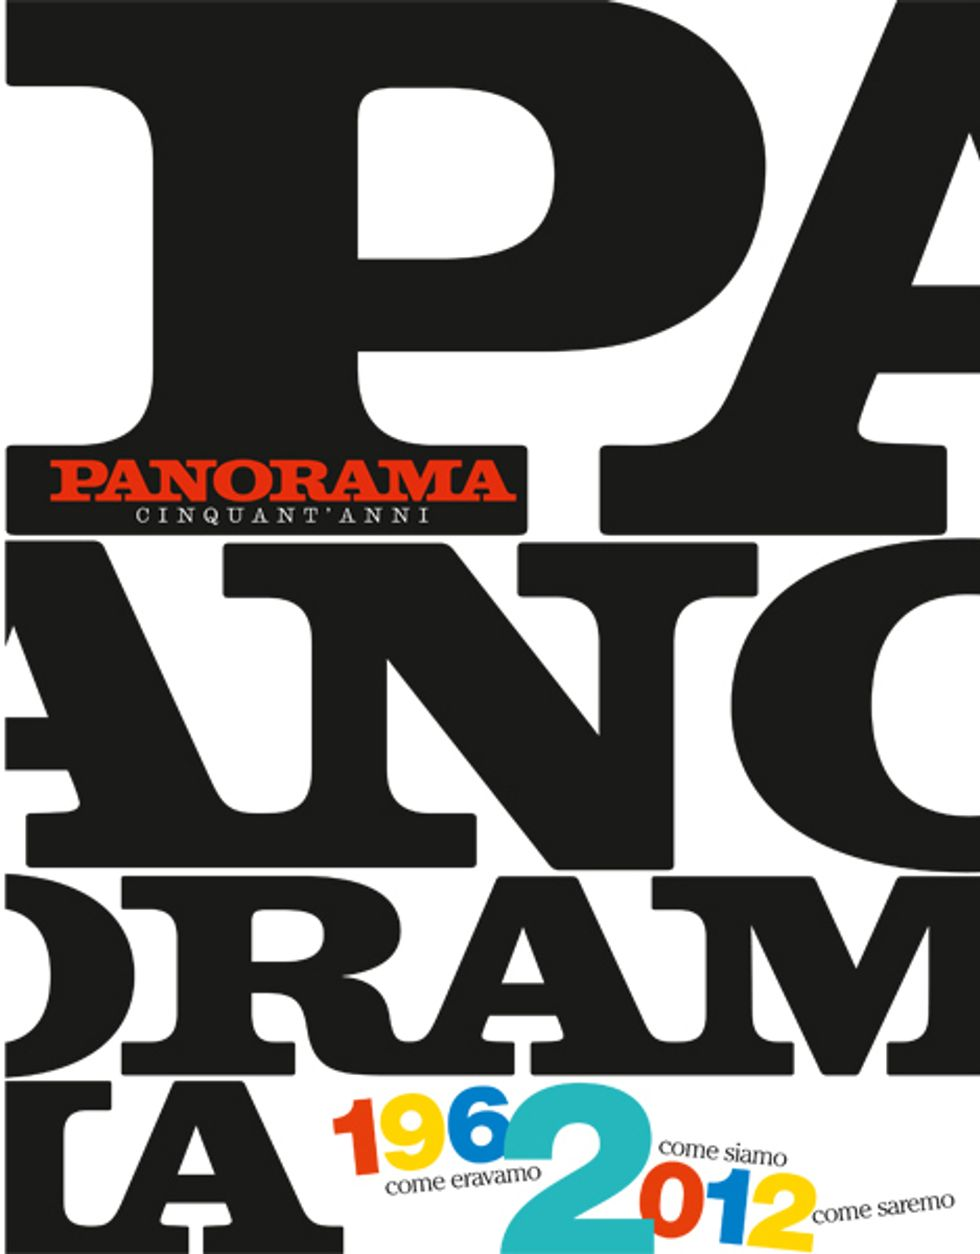 50 anni di Panorama, un'edizione speciale per festeggiarli